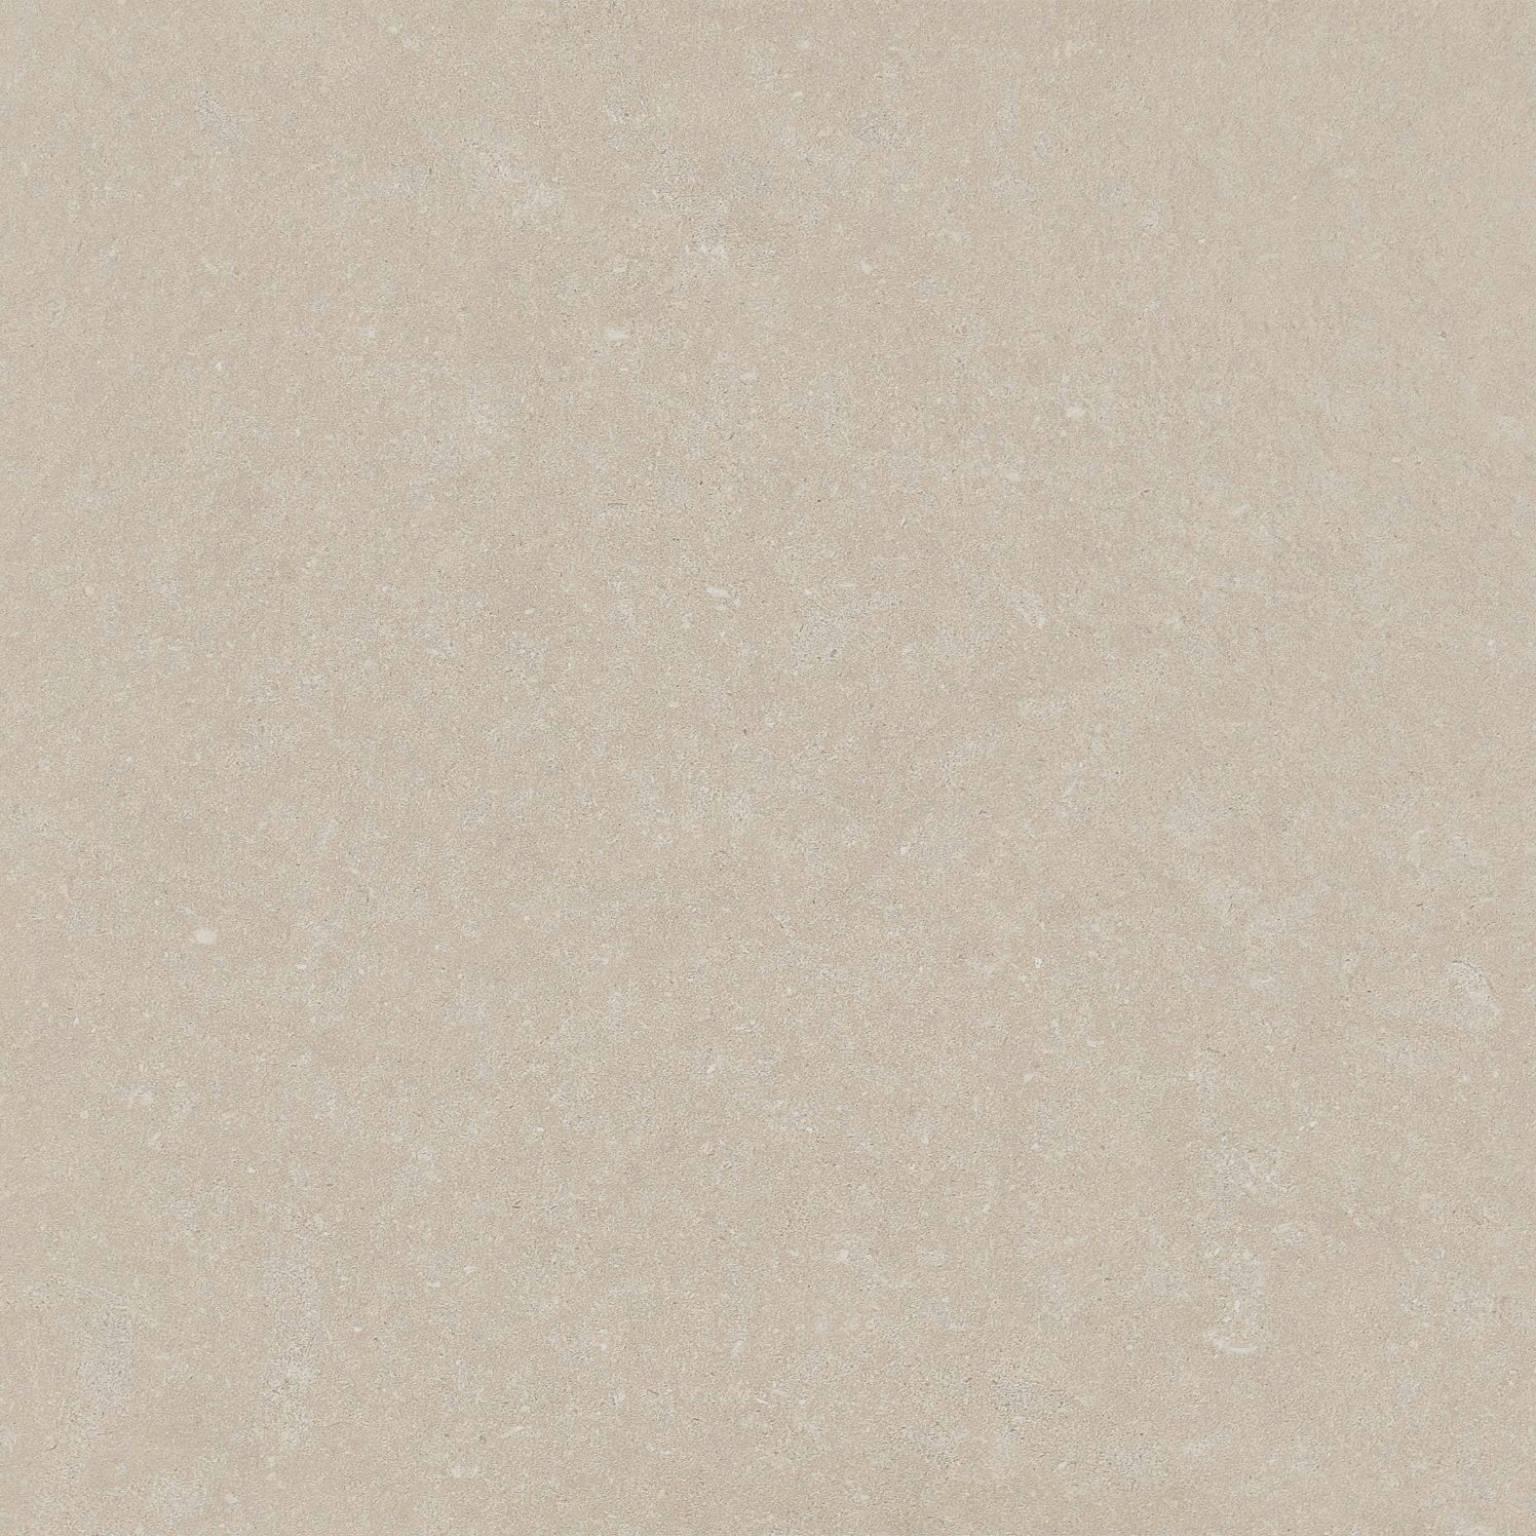 Qstone Antislip Sand 60x60 | Newker